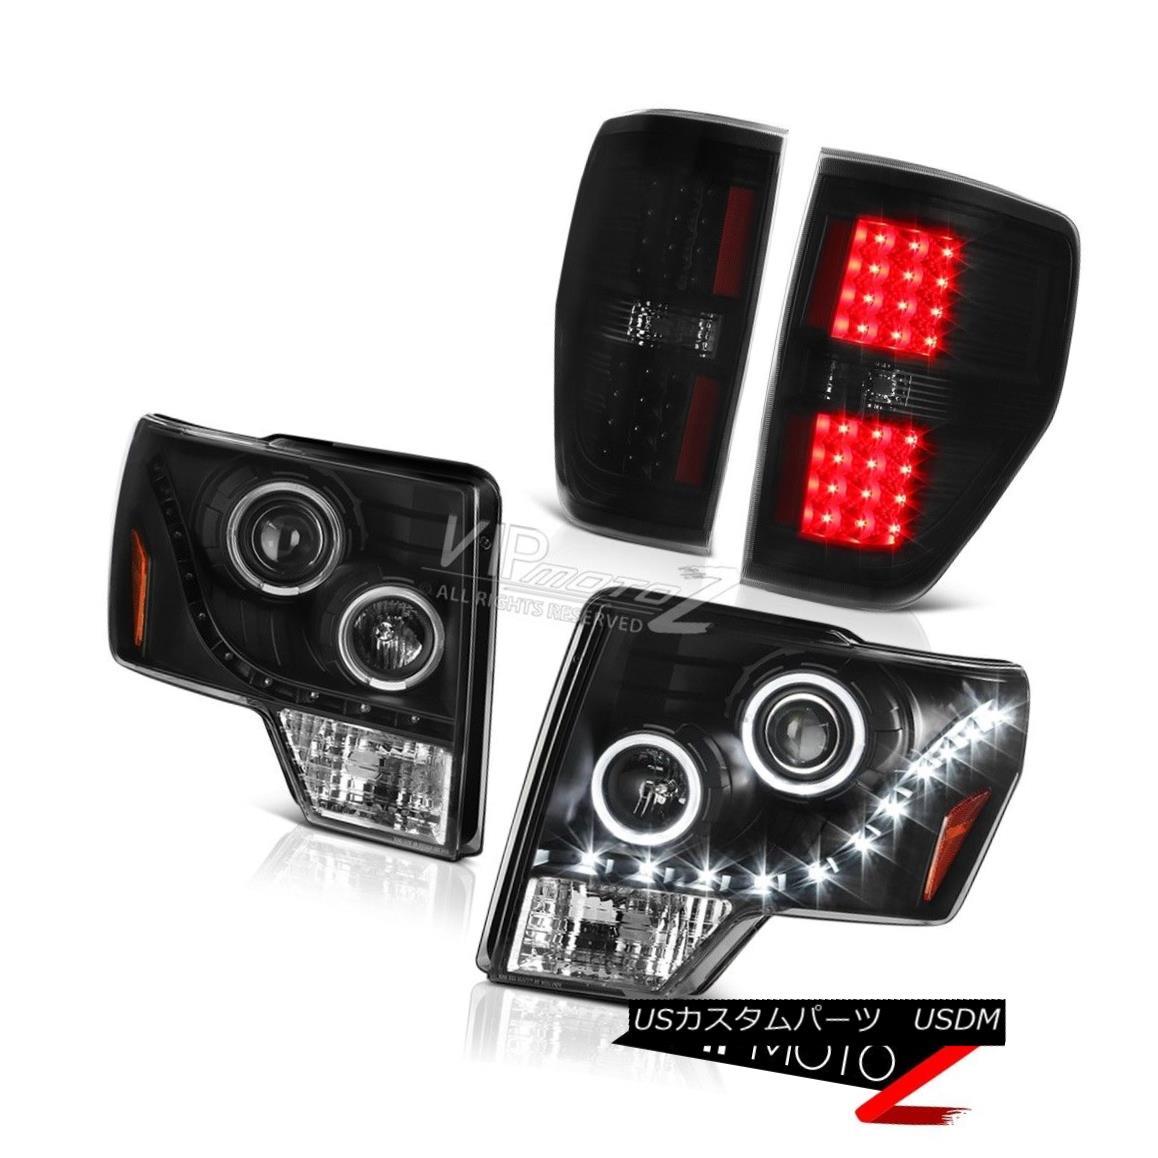 テールライト 09 10 11 12 13 14 F150 3.5L Black Halo LED Headlights Signal Parking Taillights 09 10 11 12 13 14 F150 3.5LブラックハローLEDヘッドライト信号駐車ミラー